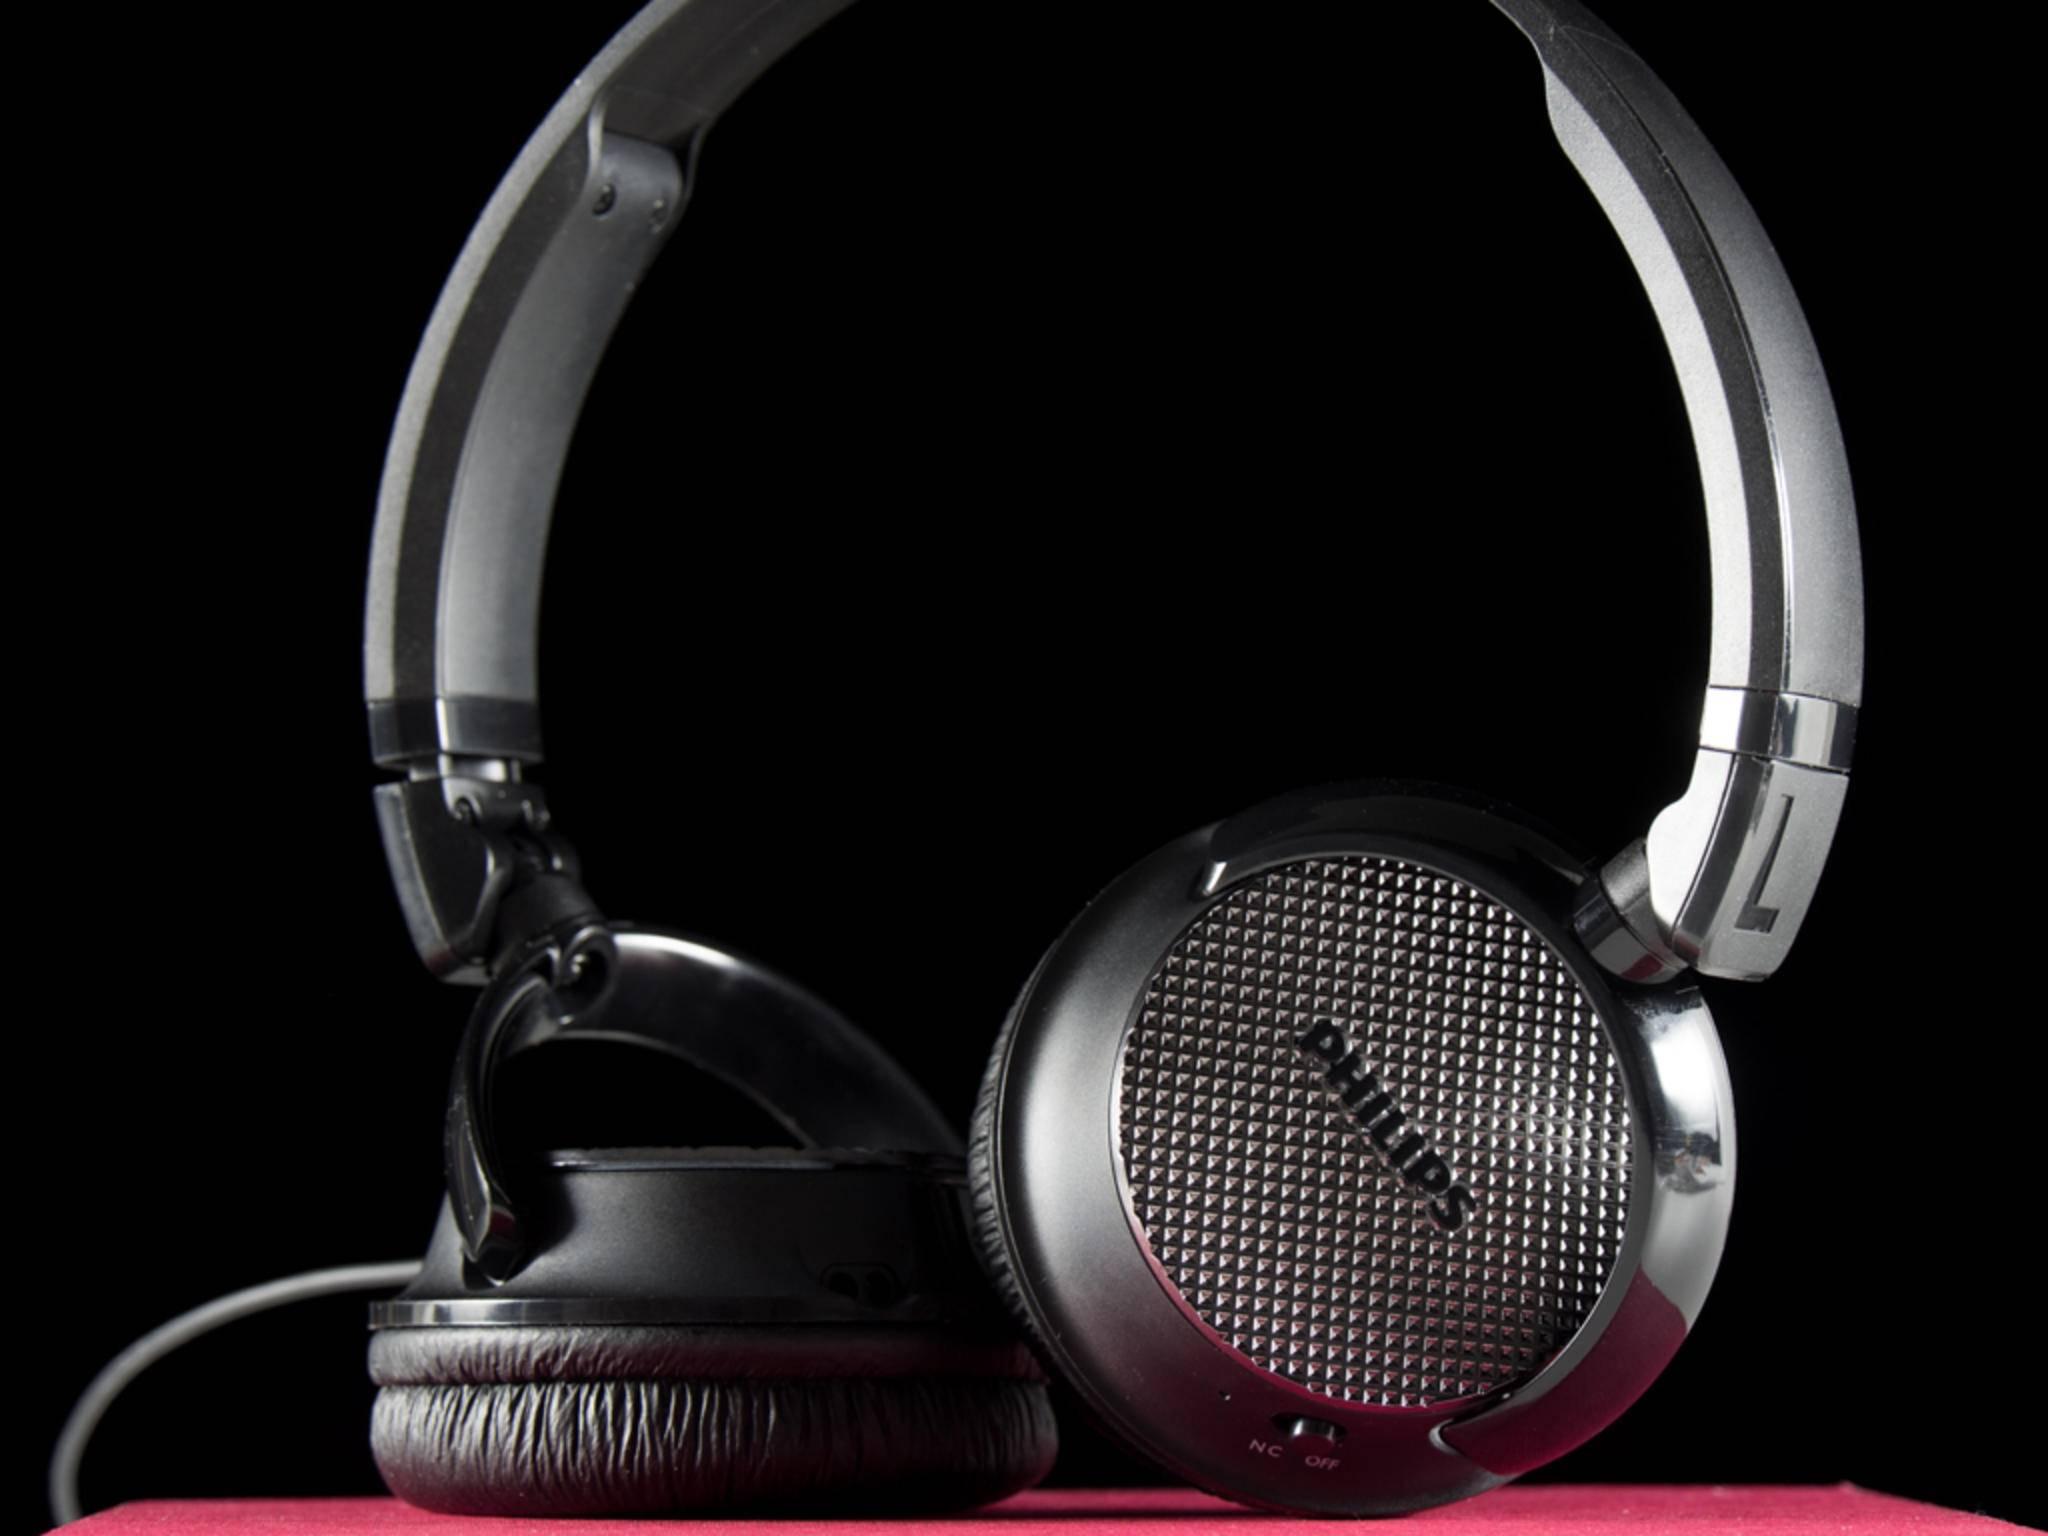 Die unverbindliche Preisempfehlung ders Philips-Kopfhörers beträgt 59,99 Euro.